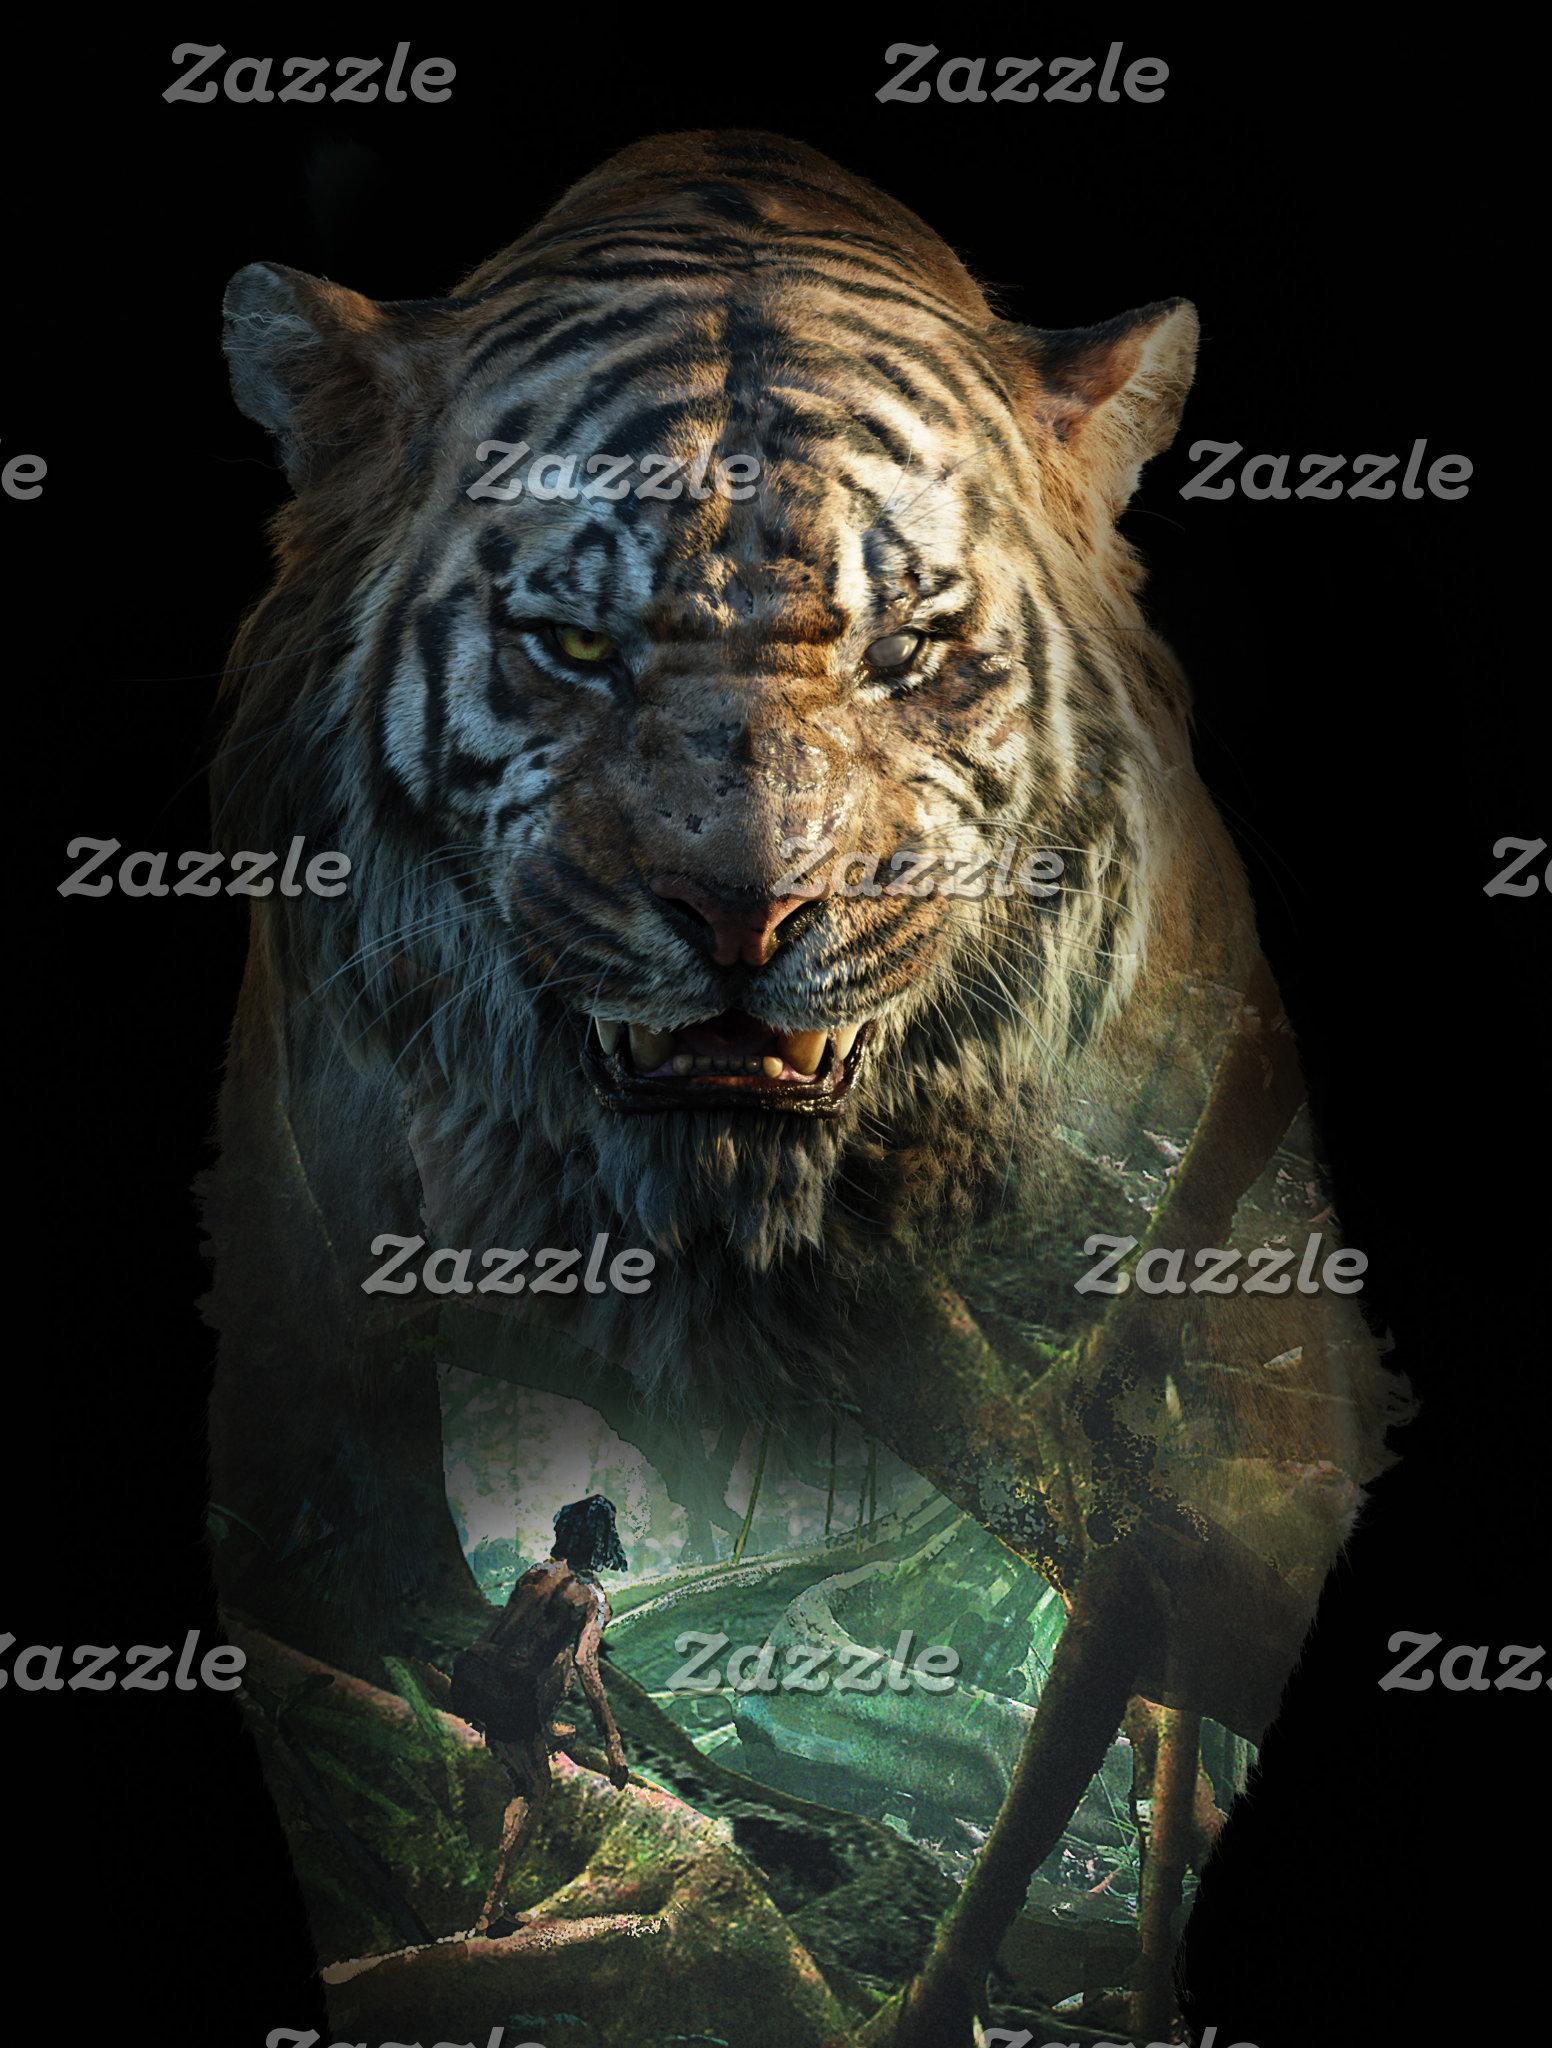 Shere Khan & Mowgli